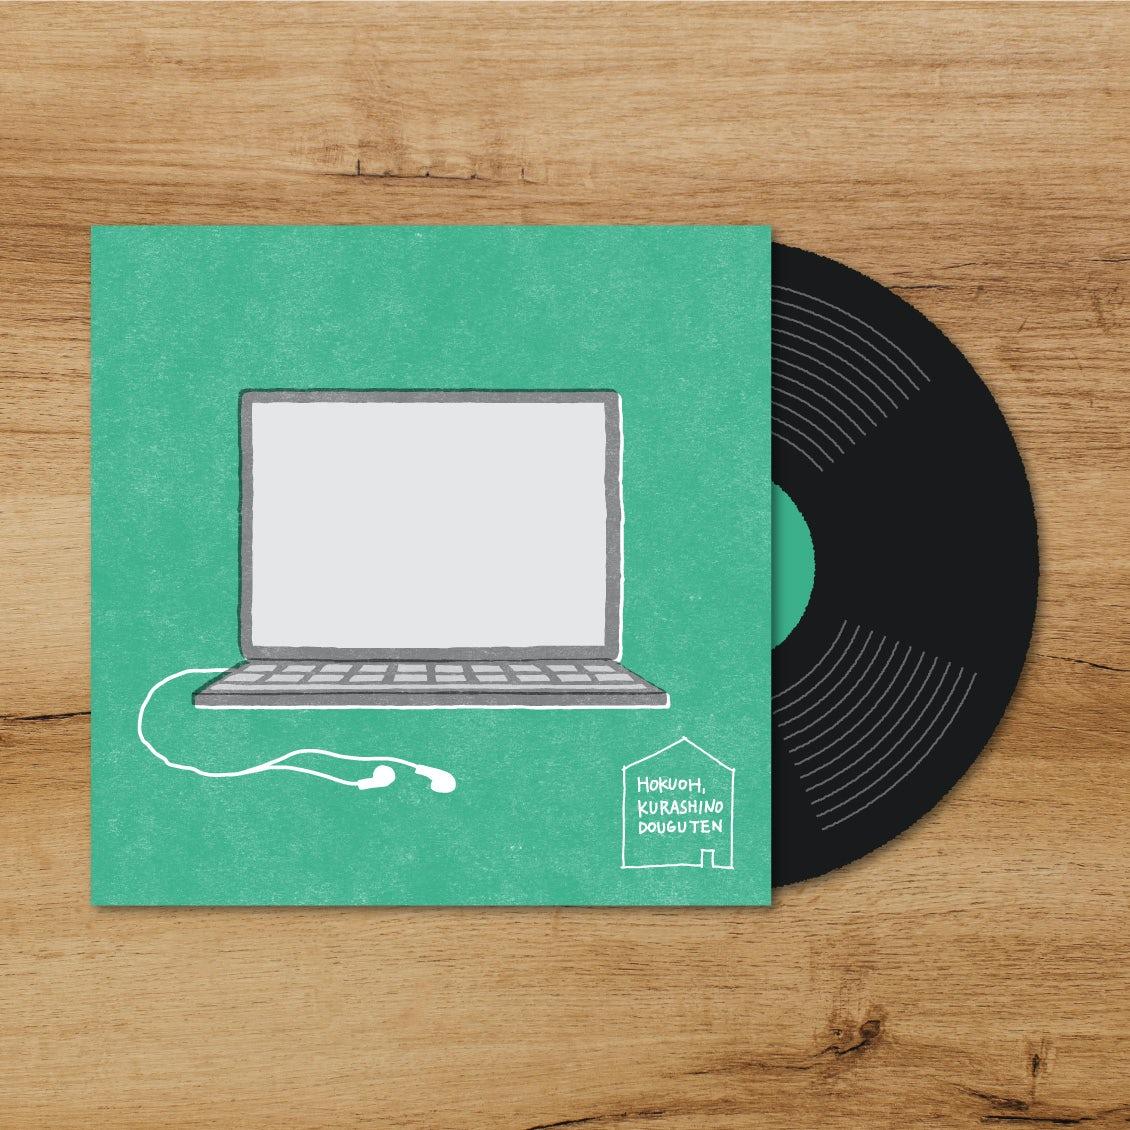 【日常に音楽を】集中したい作業中におすすめのプレイリスト「仕事と、音楽と。」を更新しました!